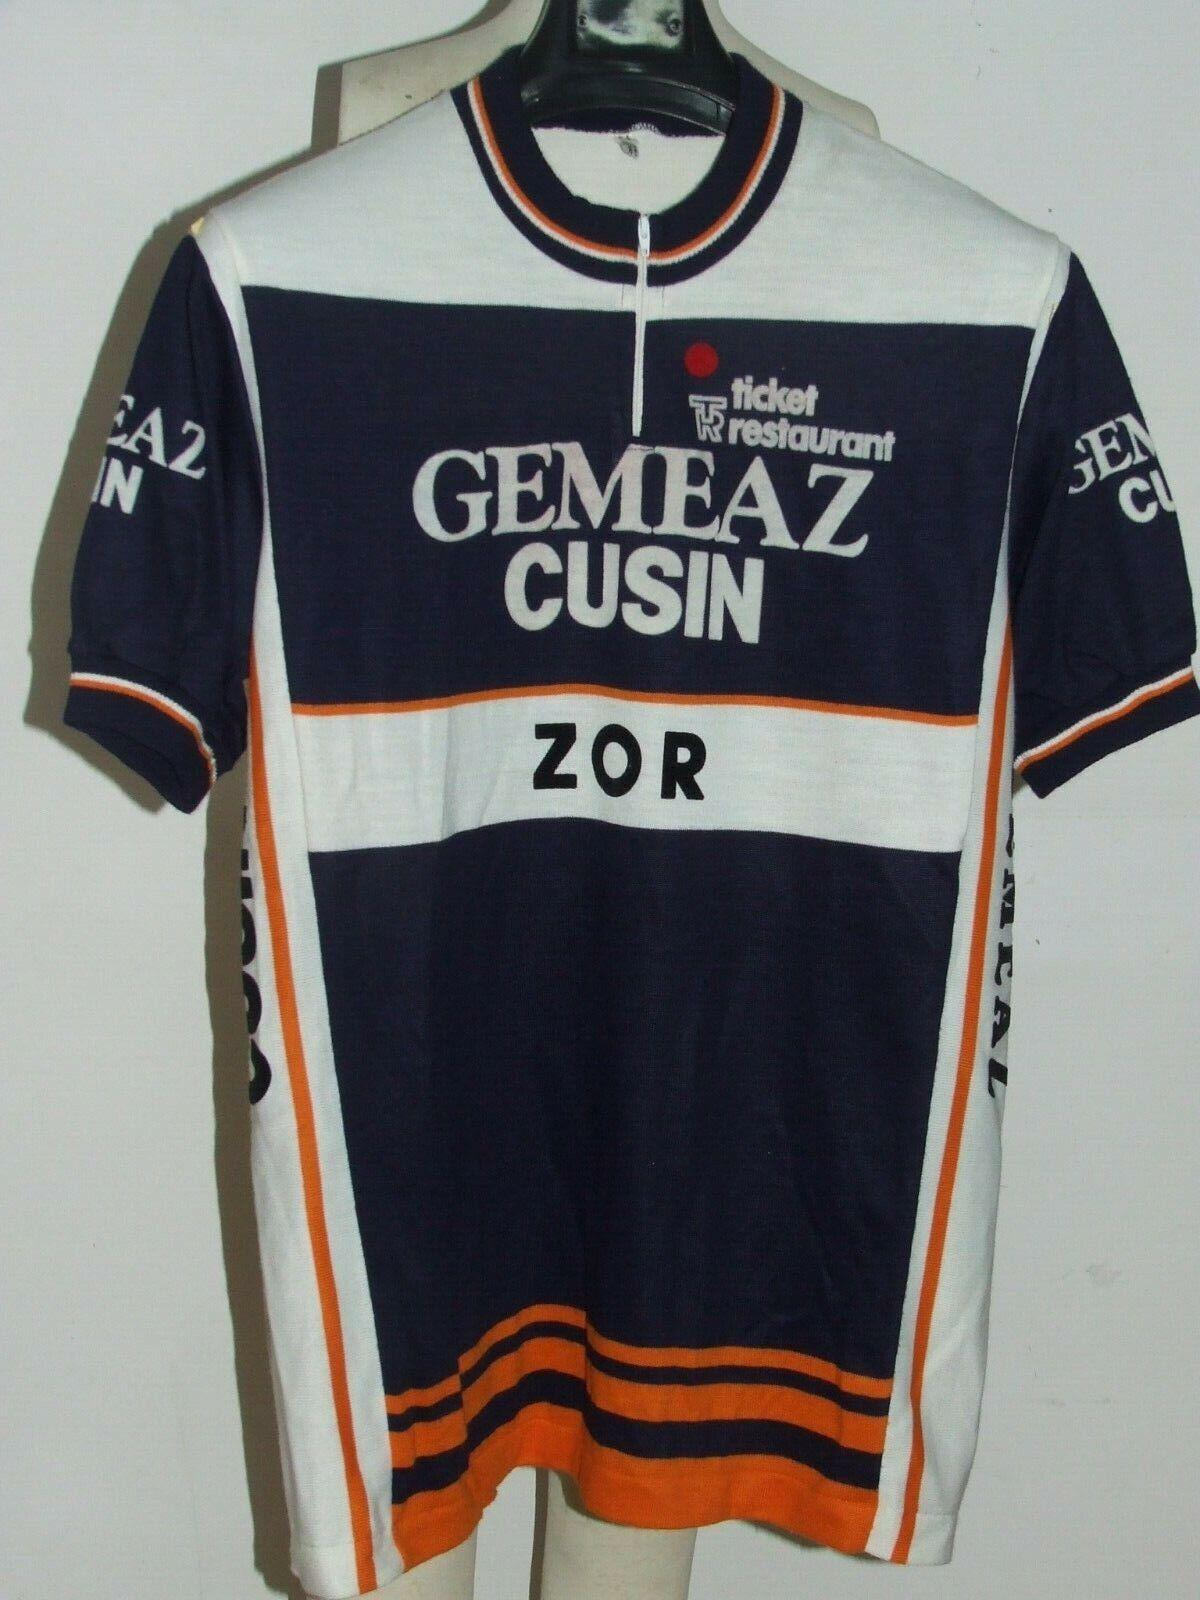 Maillot Vélo Haut Cyclisme Eroica Vintage 70'S Gemeaz Cusin Zor Acrylique